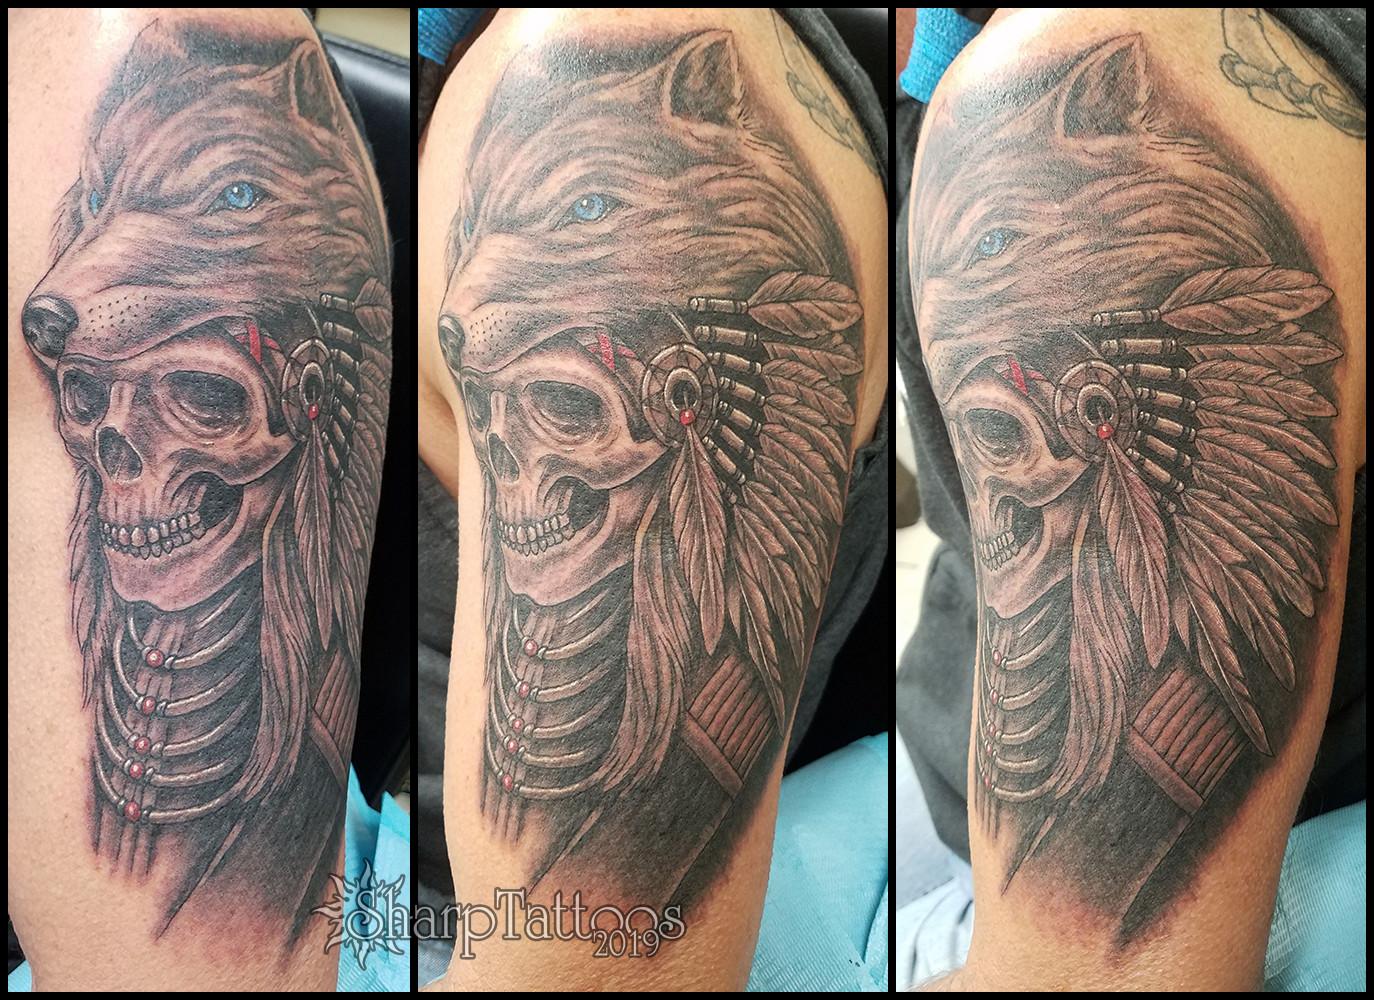 Sharptattoos Black Grey Tattoos